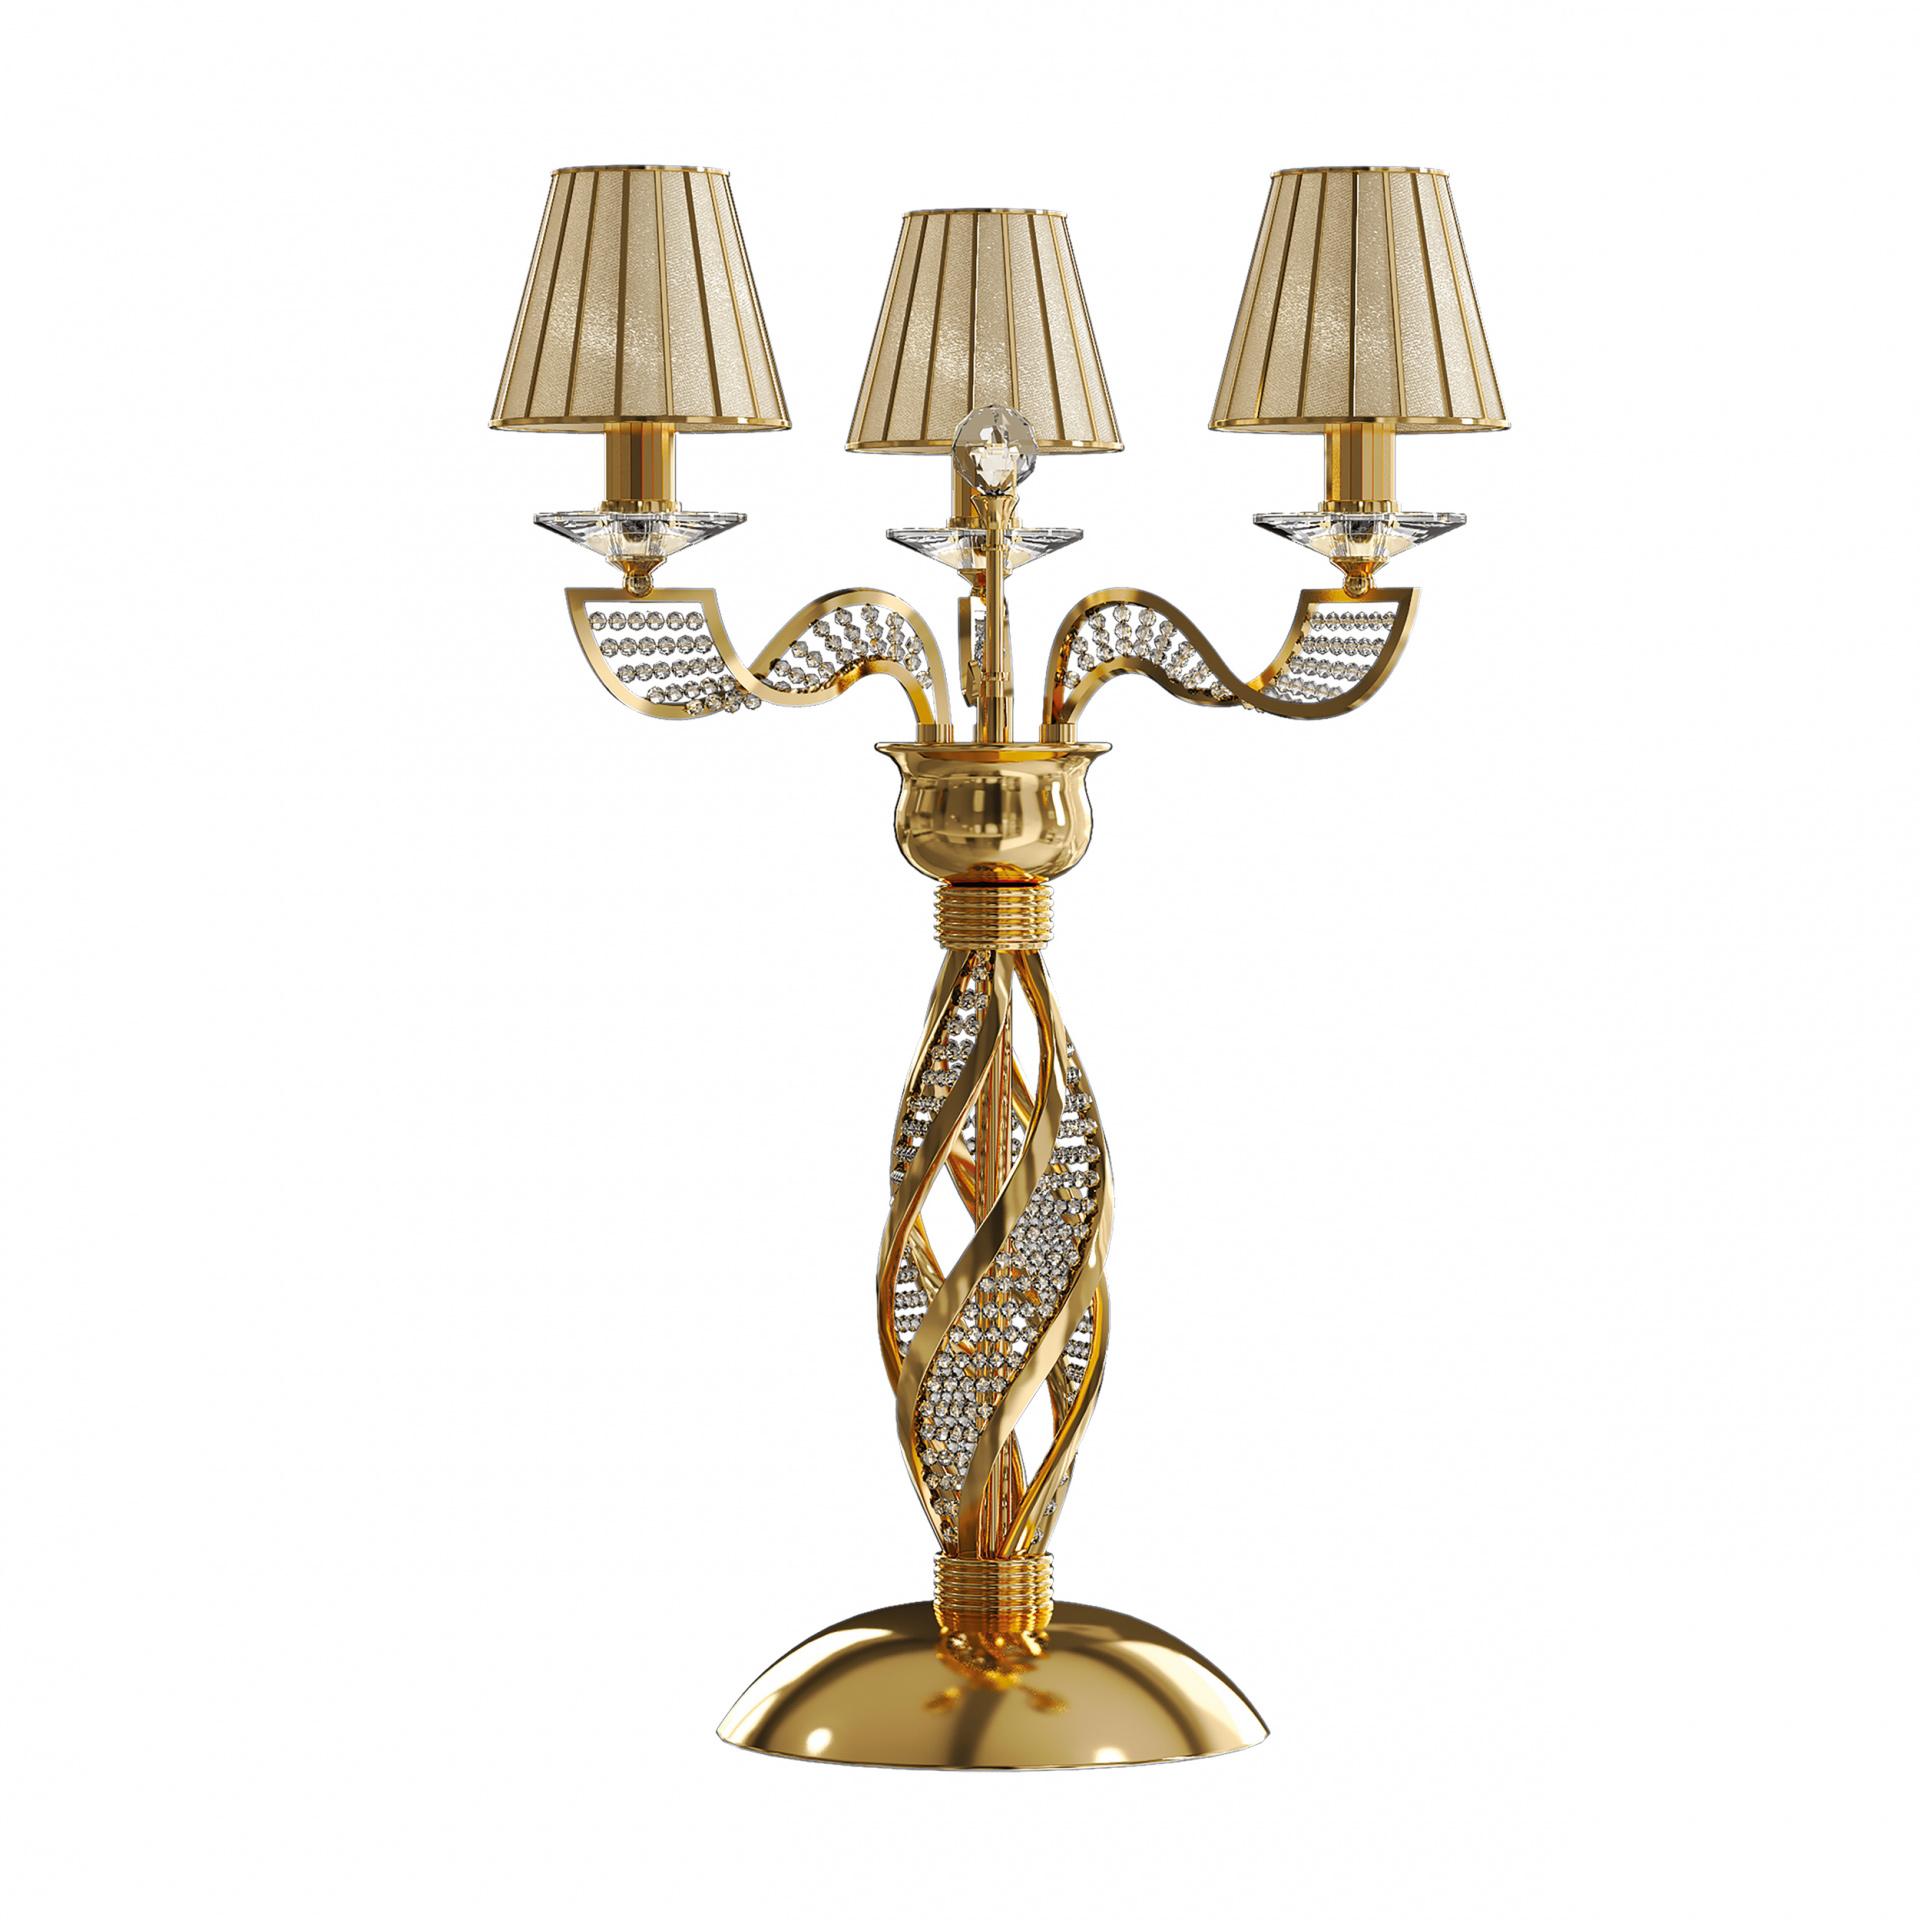 Настольная лампа Alveare 3х40W E14 золото Osgona 702932, купить в СПб, Москве, с доставкой, Санкт-Петербург, интернет-магазин люстр и светильников Starlight, фото в жизни